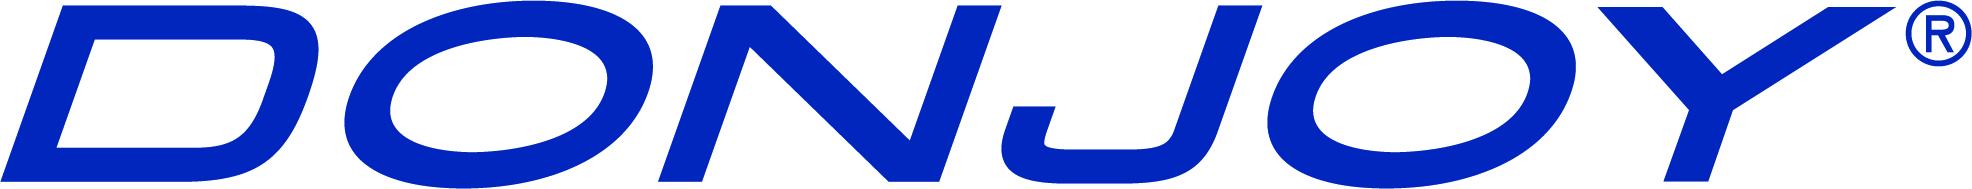 DJO-sponsor-corso-Affidabile-Formazione-medici